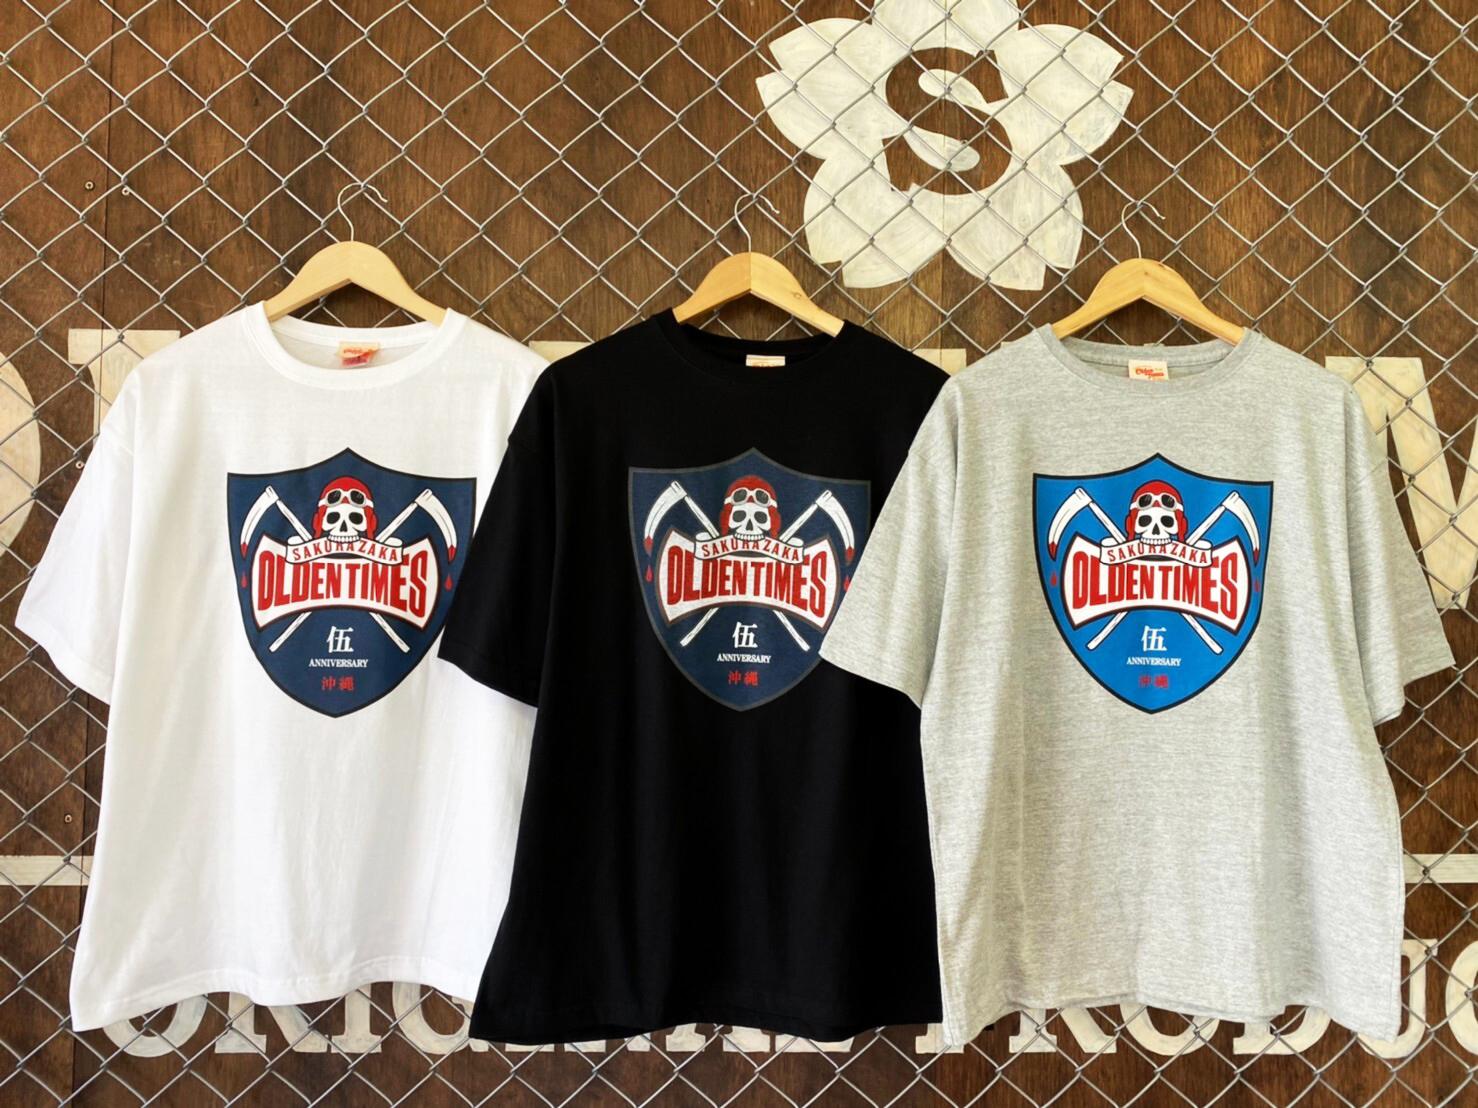 東京ブランド【TOYPLANE】が手掛けたブランド設立5周年記念Tシャツ